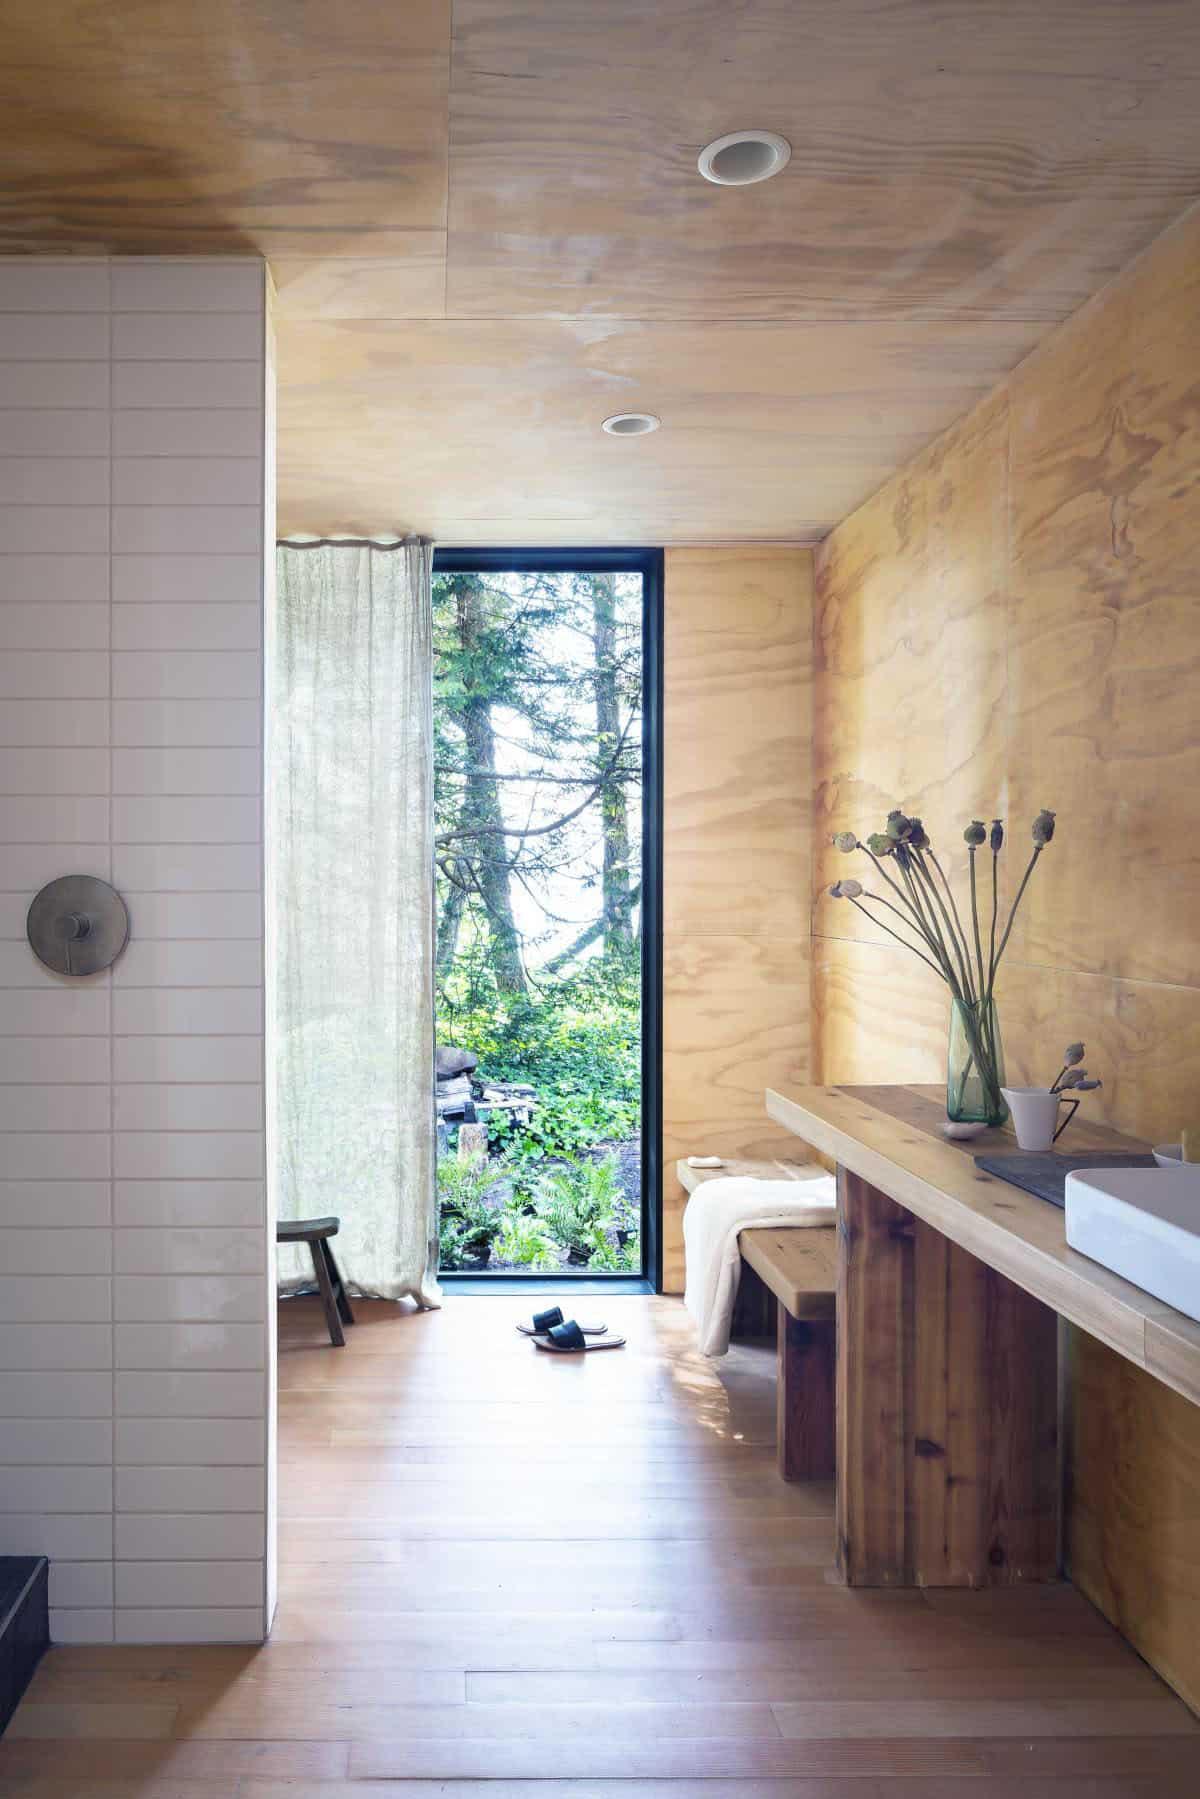 kabina-kupaonica